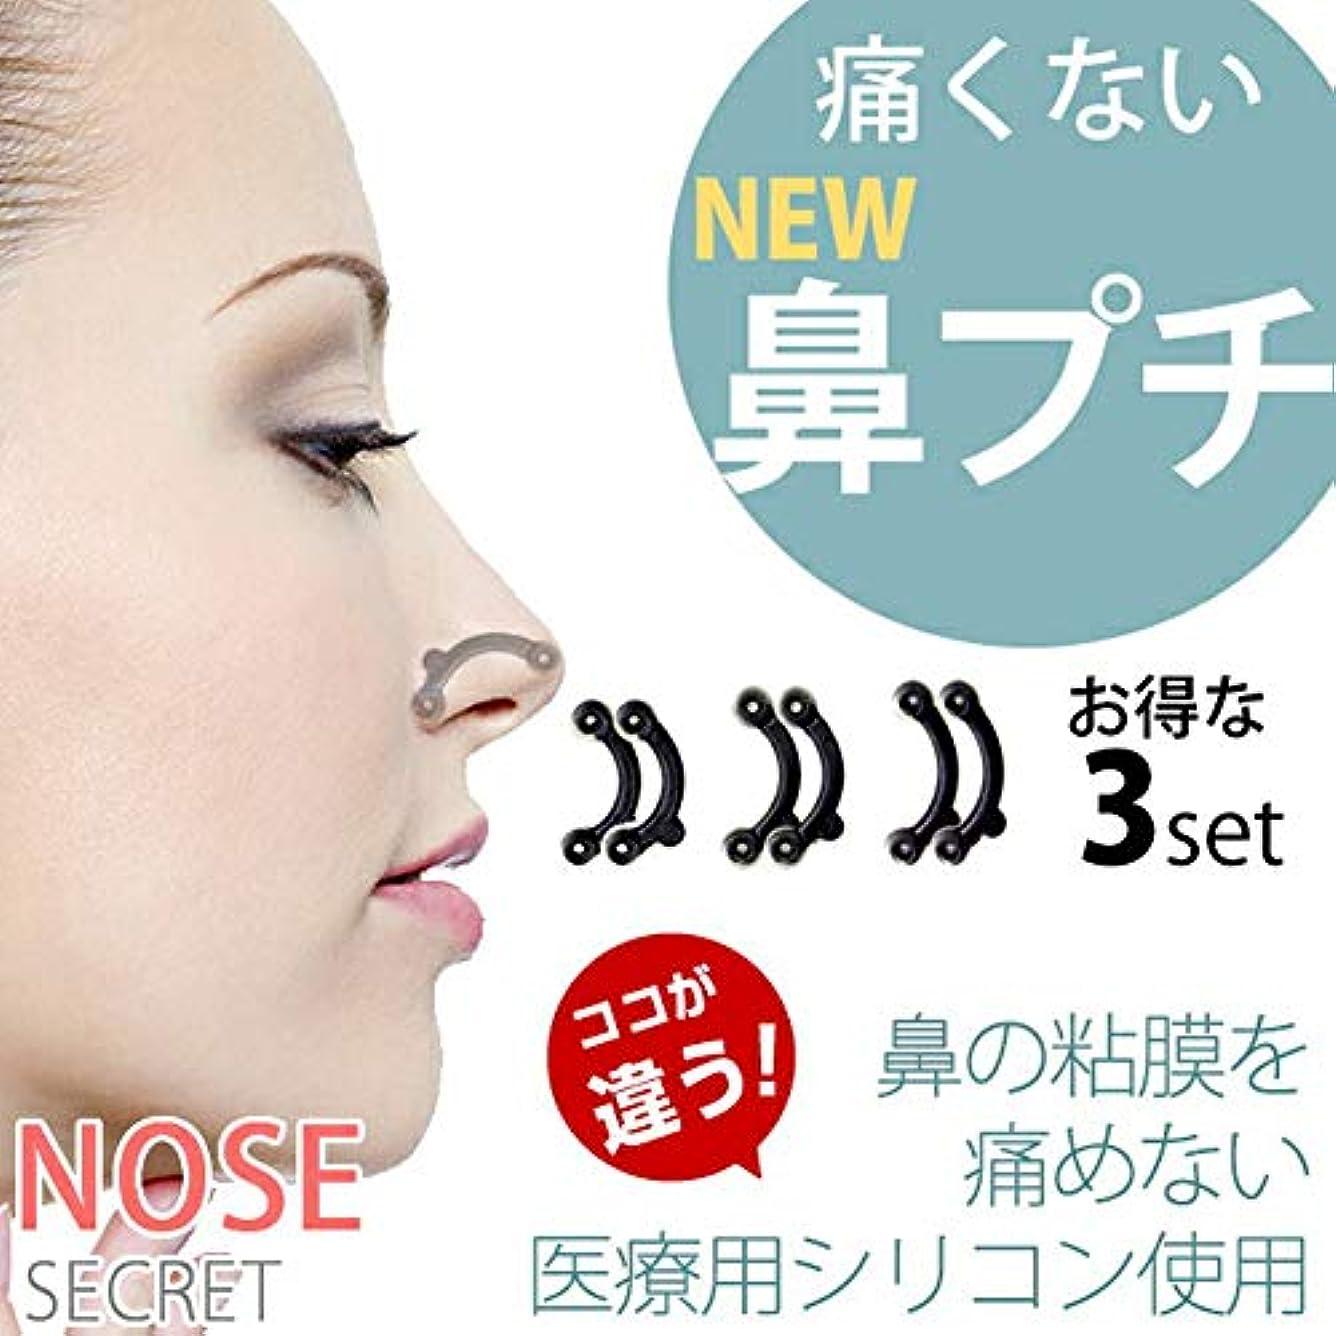 蒸発過半数暴露鼻プチ 柔軟性高く Viconaビューティー正規品 ハナのアイプチ 矯正プチ 整形せず 23mm/24.5mm/26mm全3サイズセット